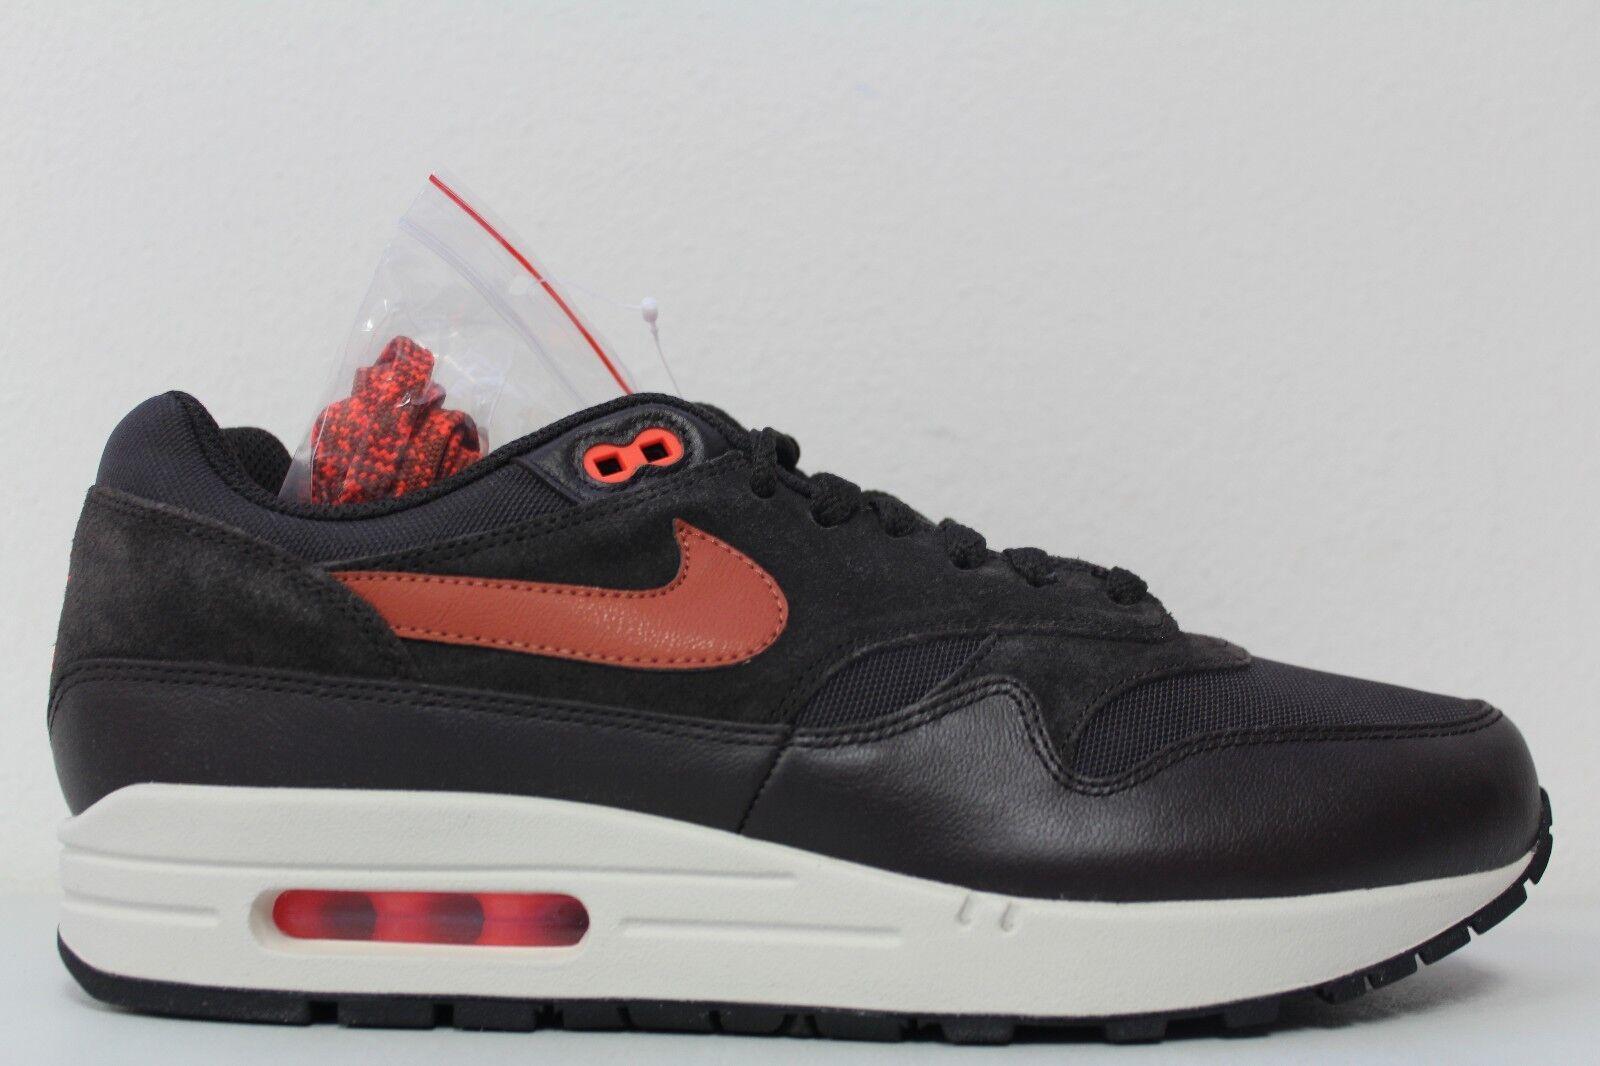 Nike air premio max 1 premio air 44 uomini di velluto marrone polveroso peach 875844-202 5de38d